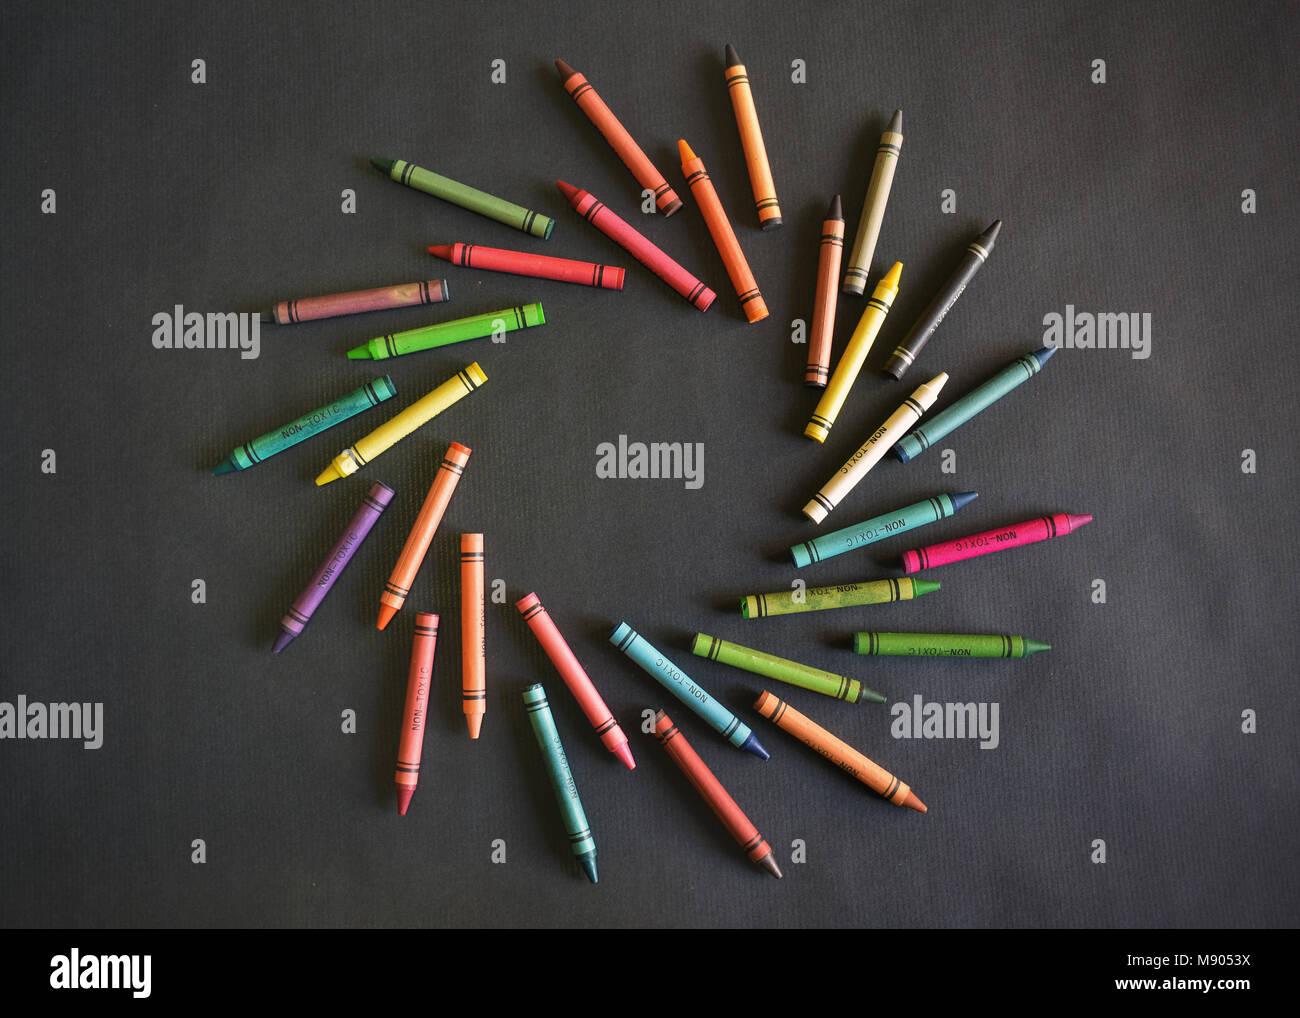 Tourbillon de couleurs formées par les cires à colorier. Effet de mouvement. Design graphique coloré Photo Stock